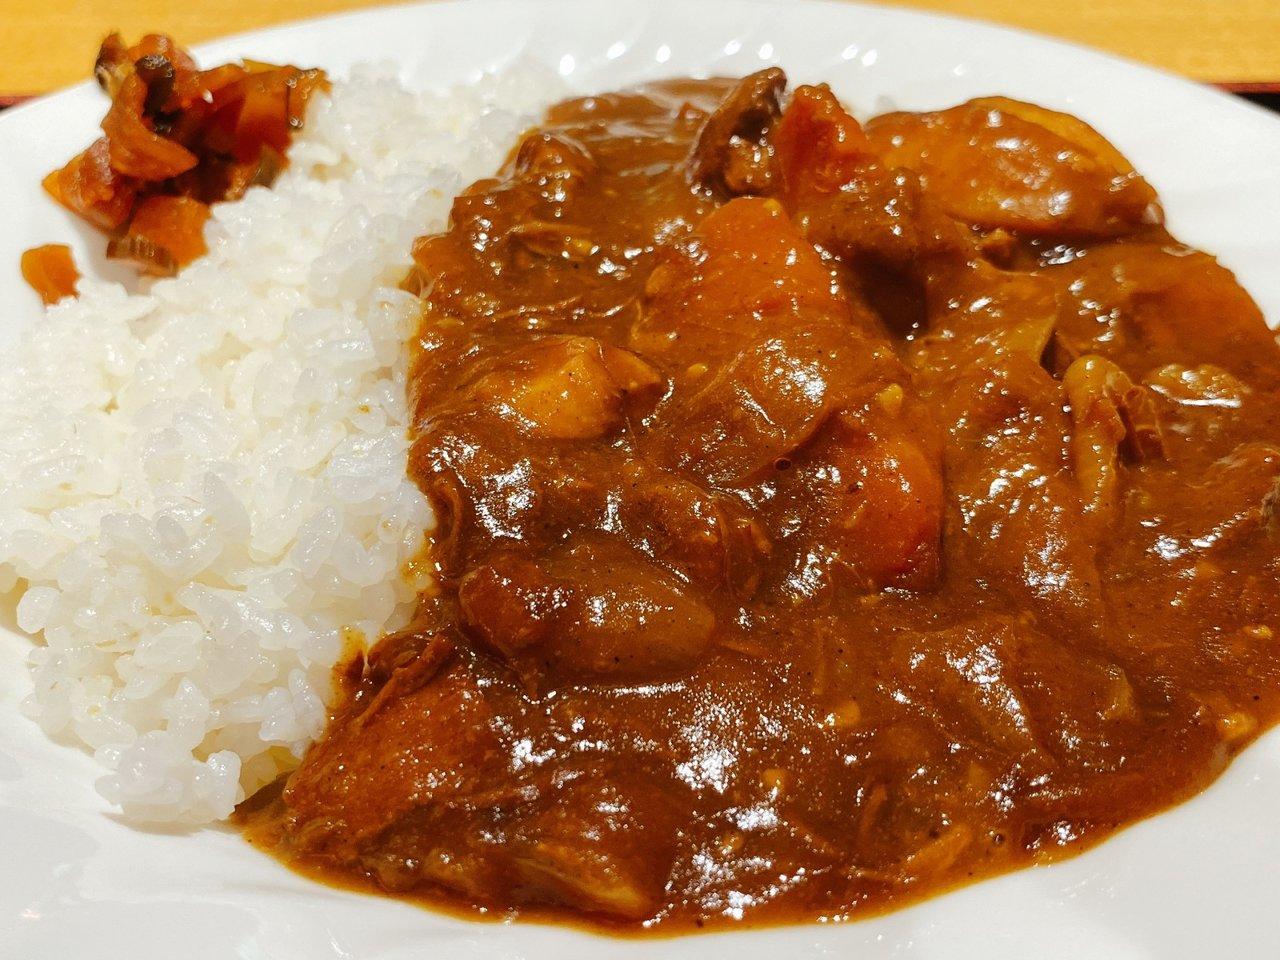 東京ローカルのおいしいカレーが食べたい|サウナの聖地で食べる特製カレーライス